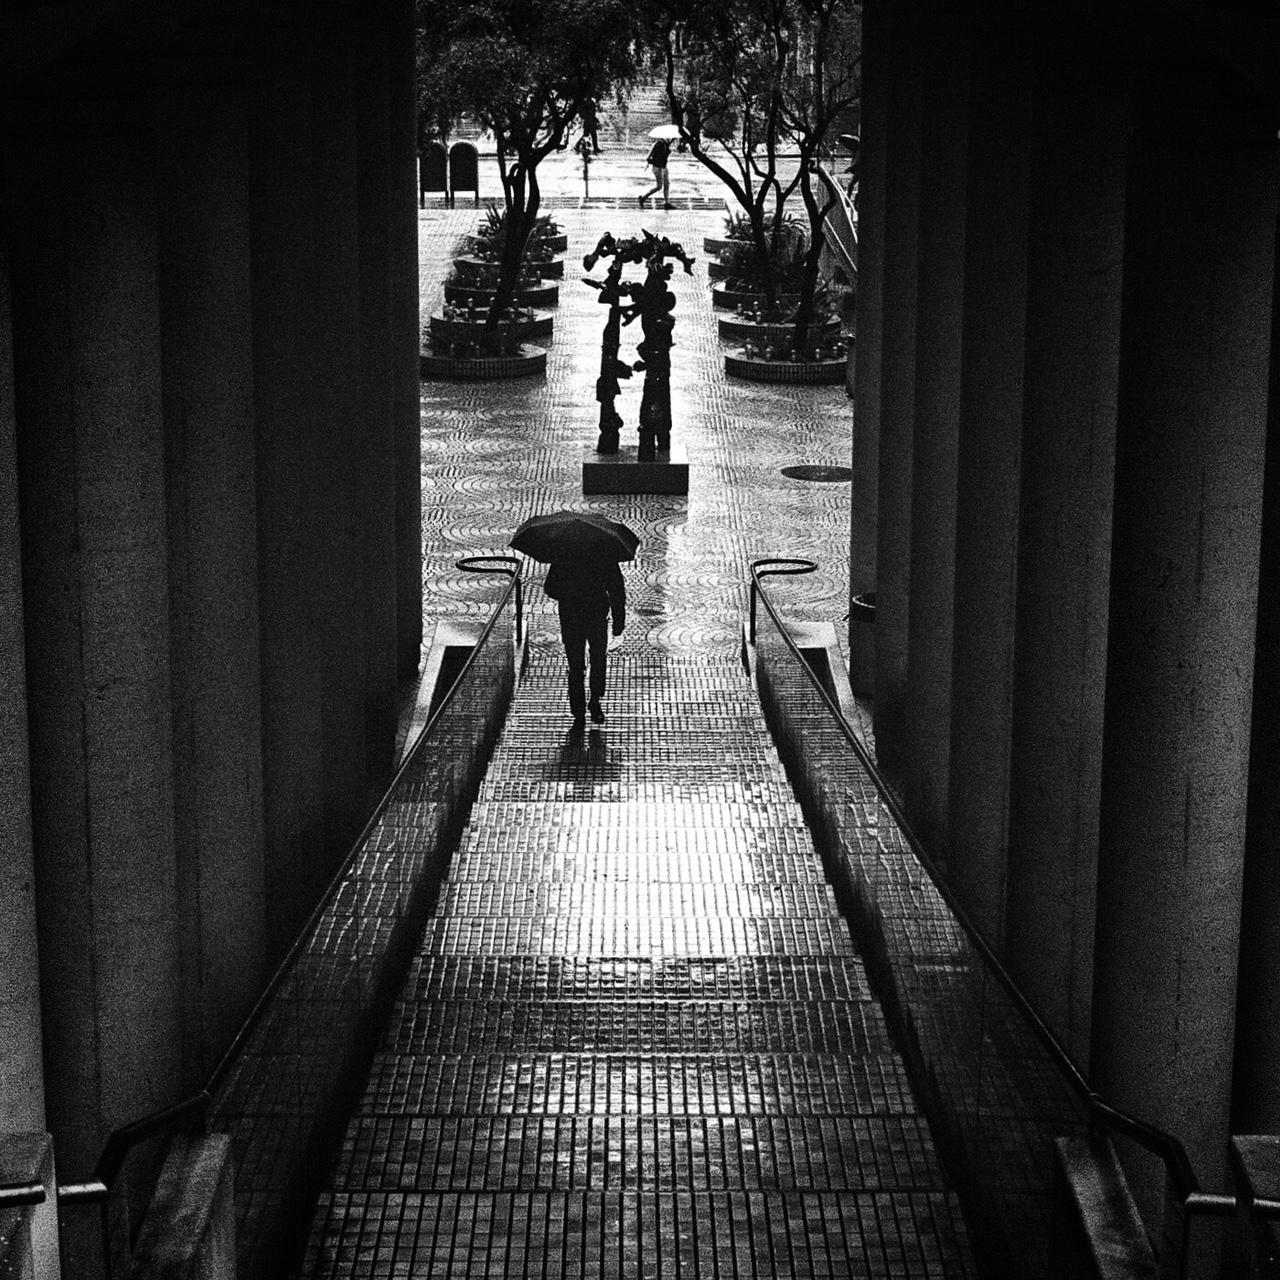 Darkened Walkway